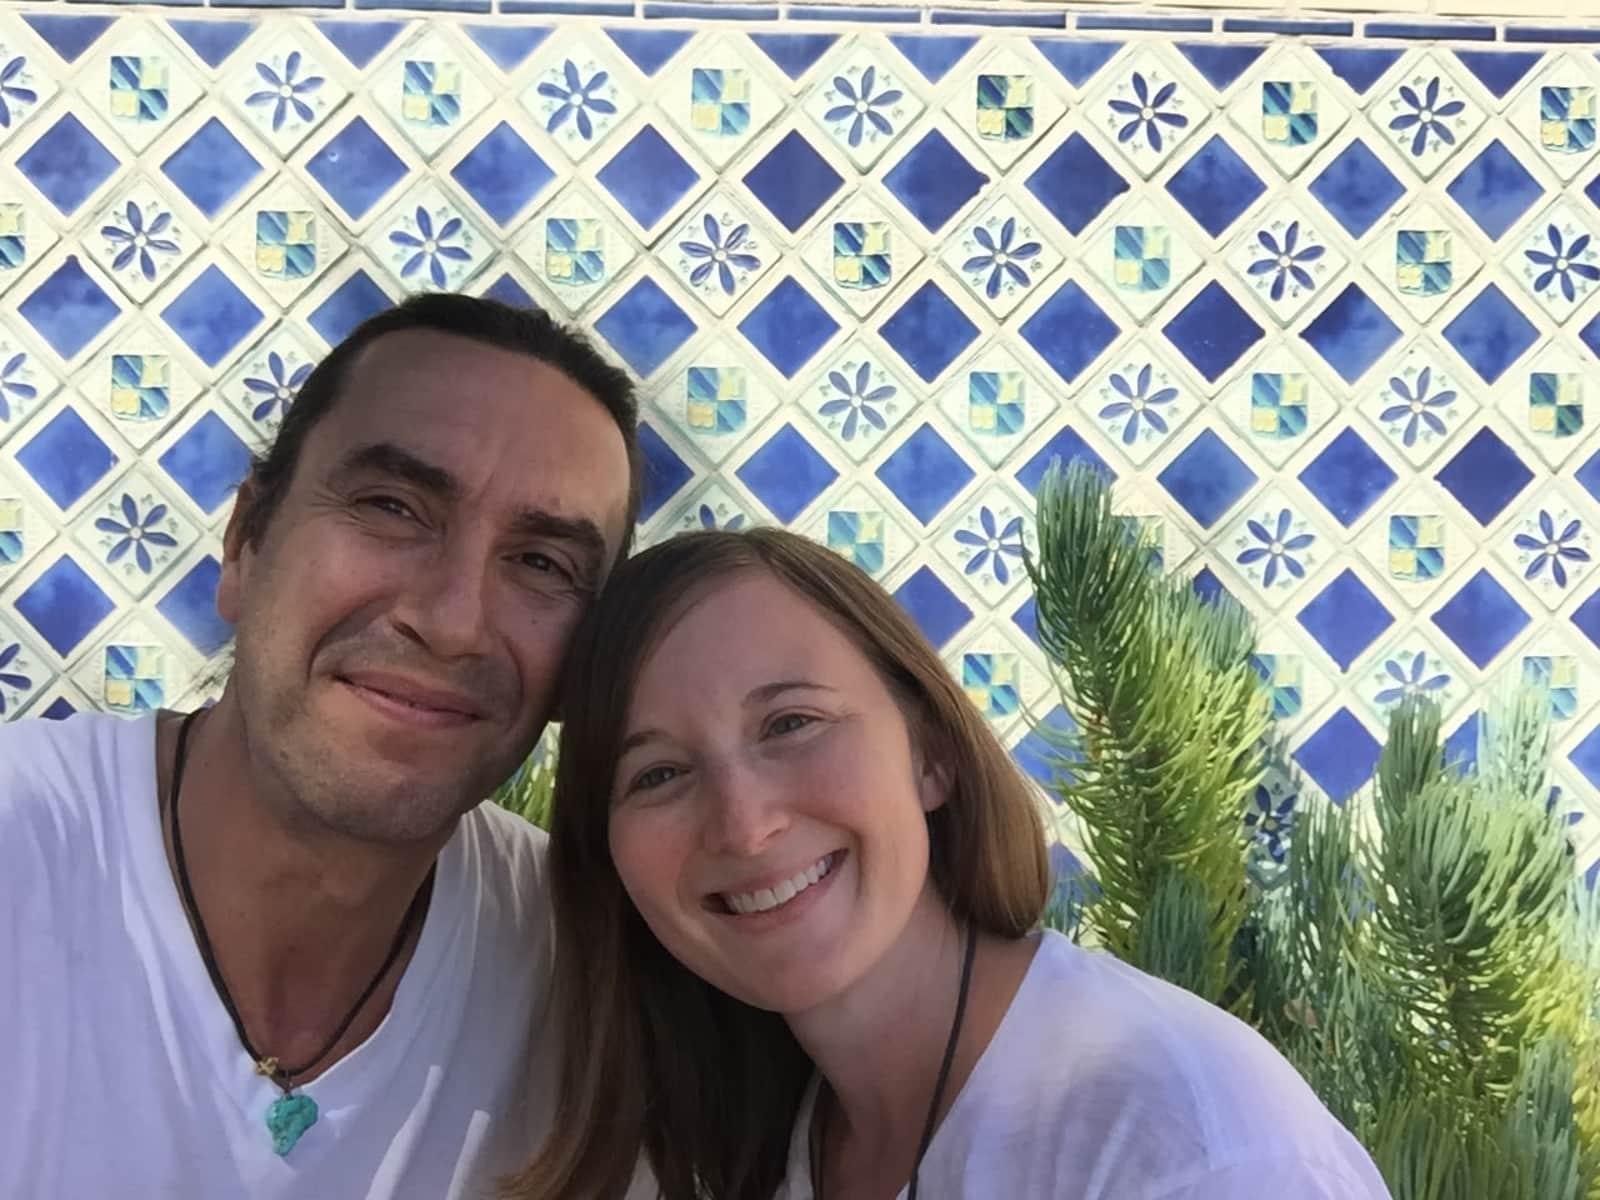 Amanda & Claudius from Los Angeles, California, United States